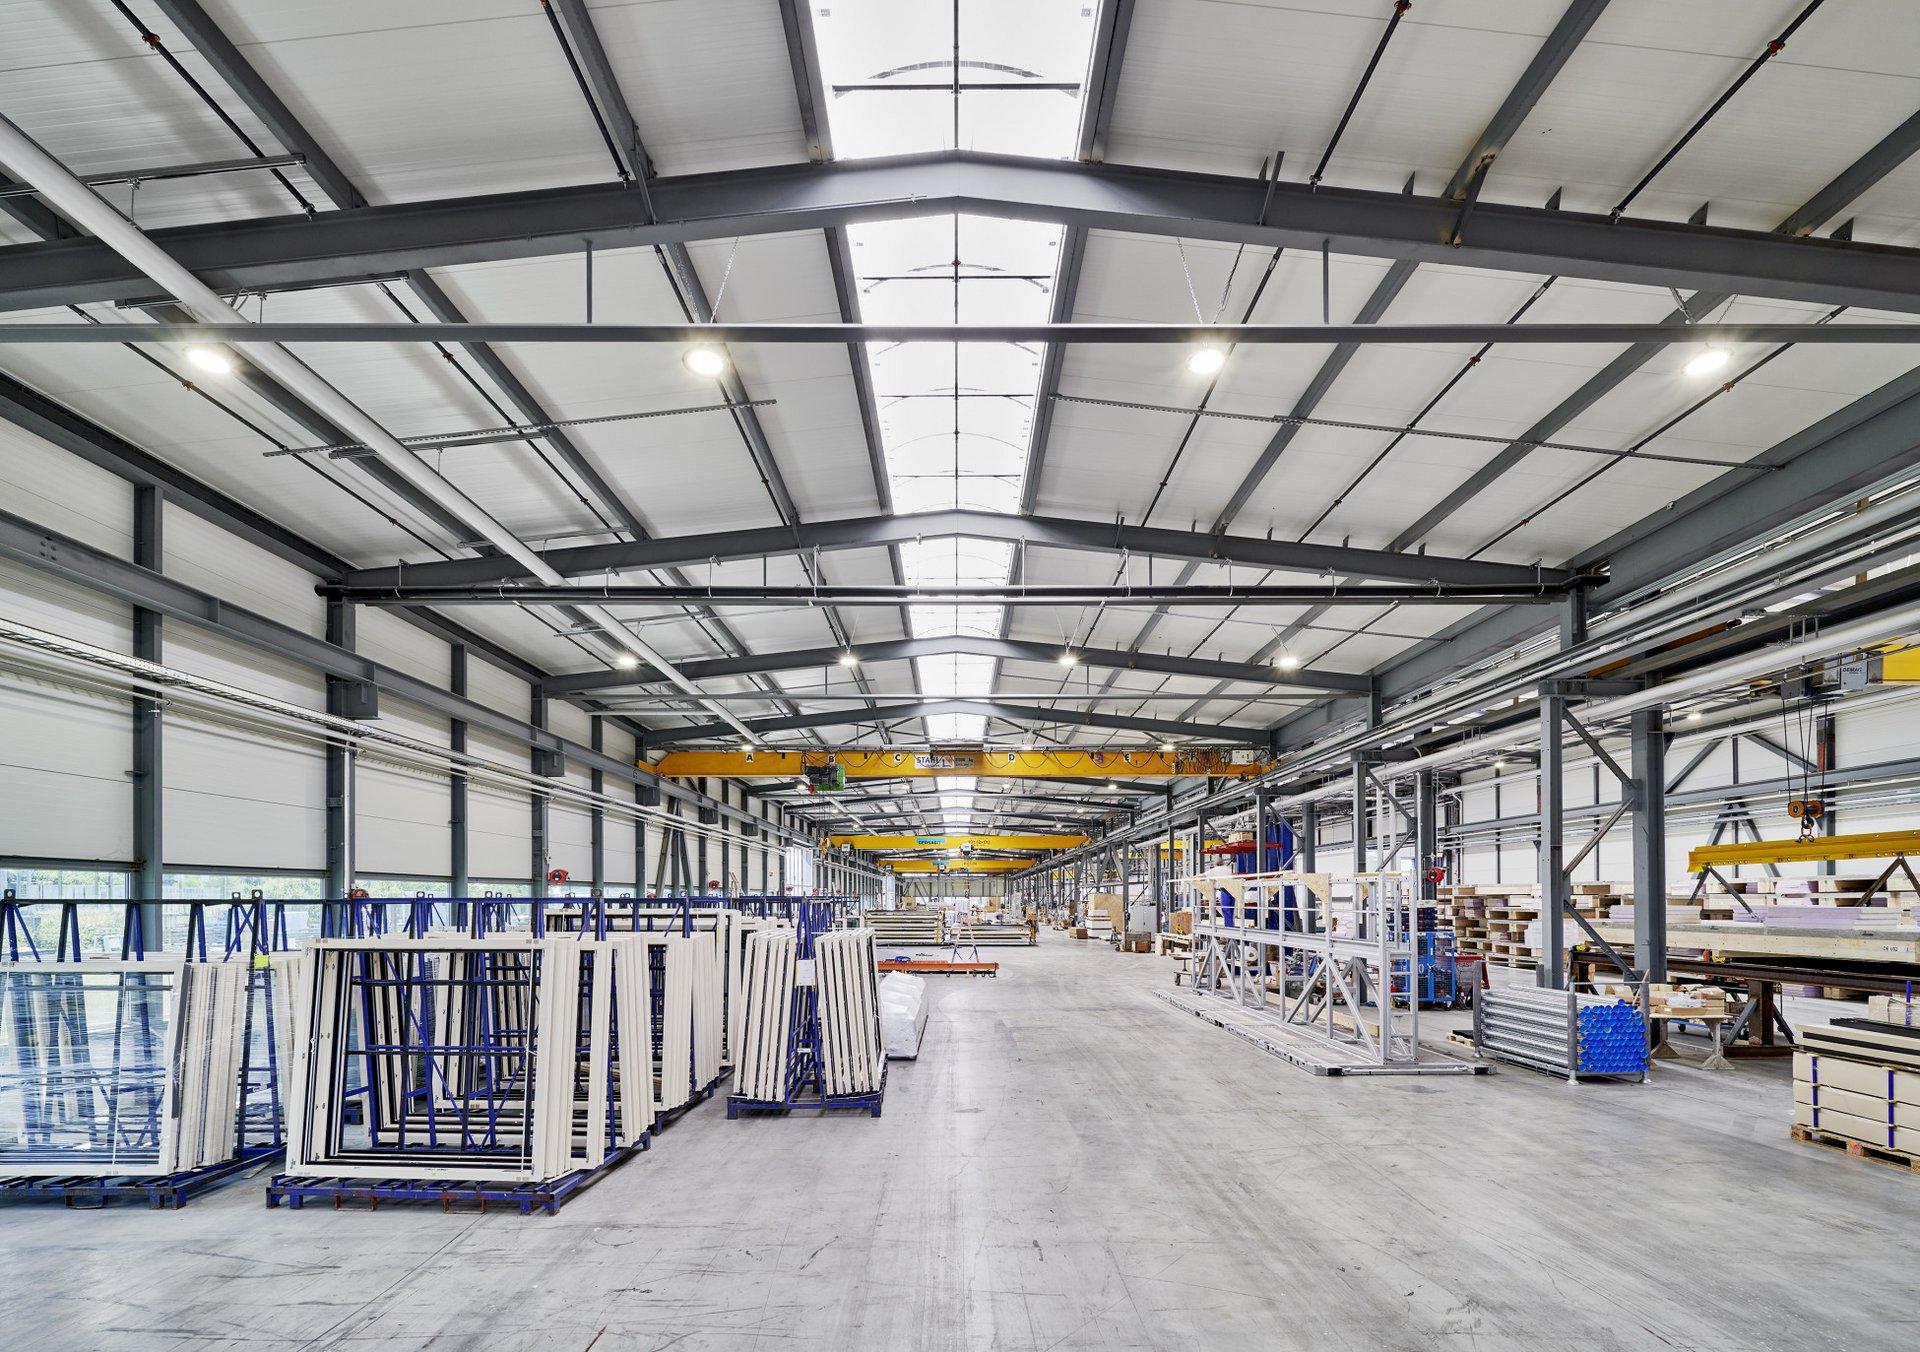 Einblick in das Innere der Produktionshalle und die darin gelagerten weissen Fenstern.